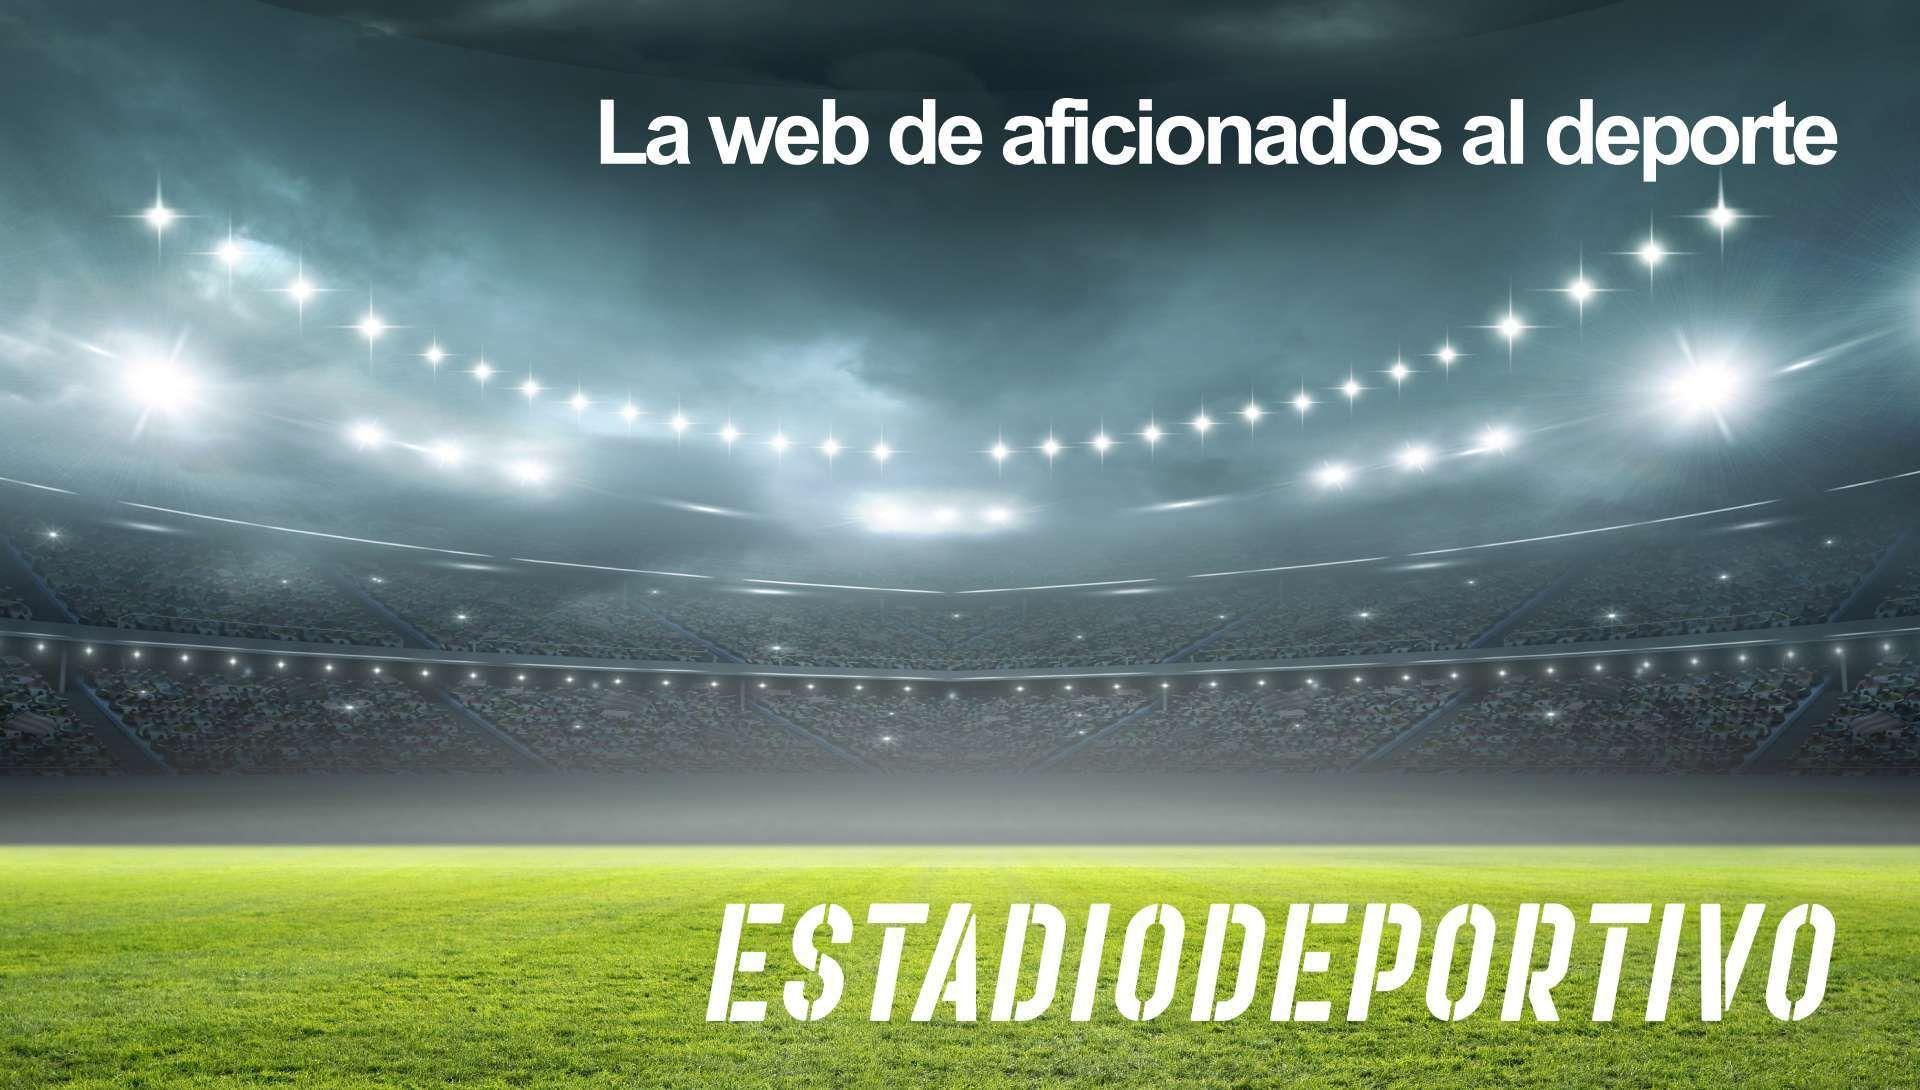 Objetivos de Cordón, ofrecimientos, jugadores vinculados con el Betis 21/22